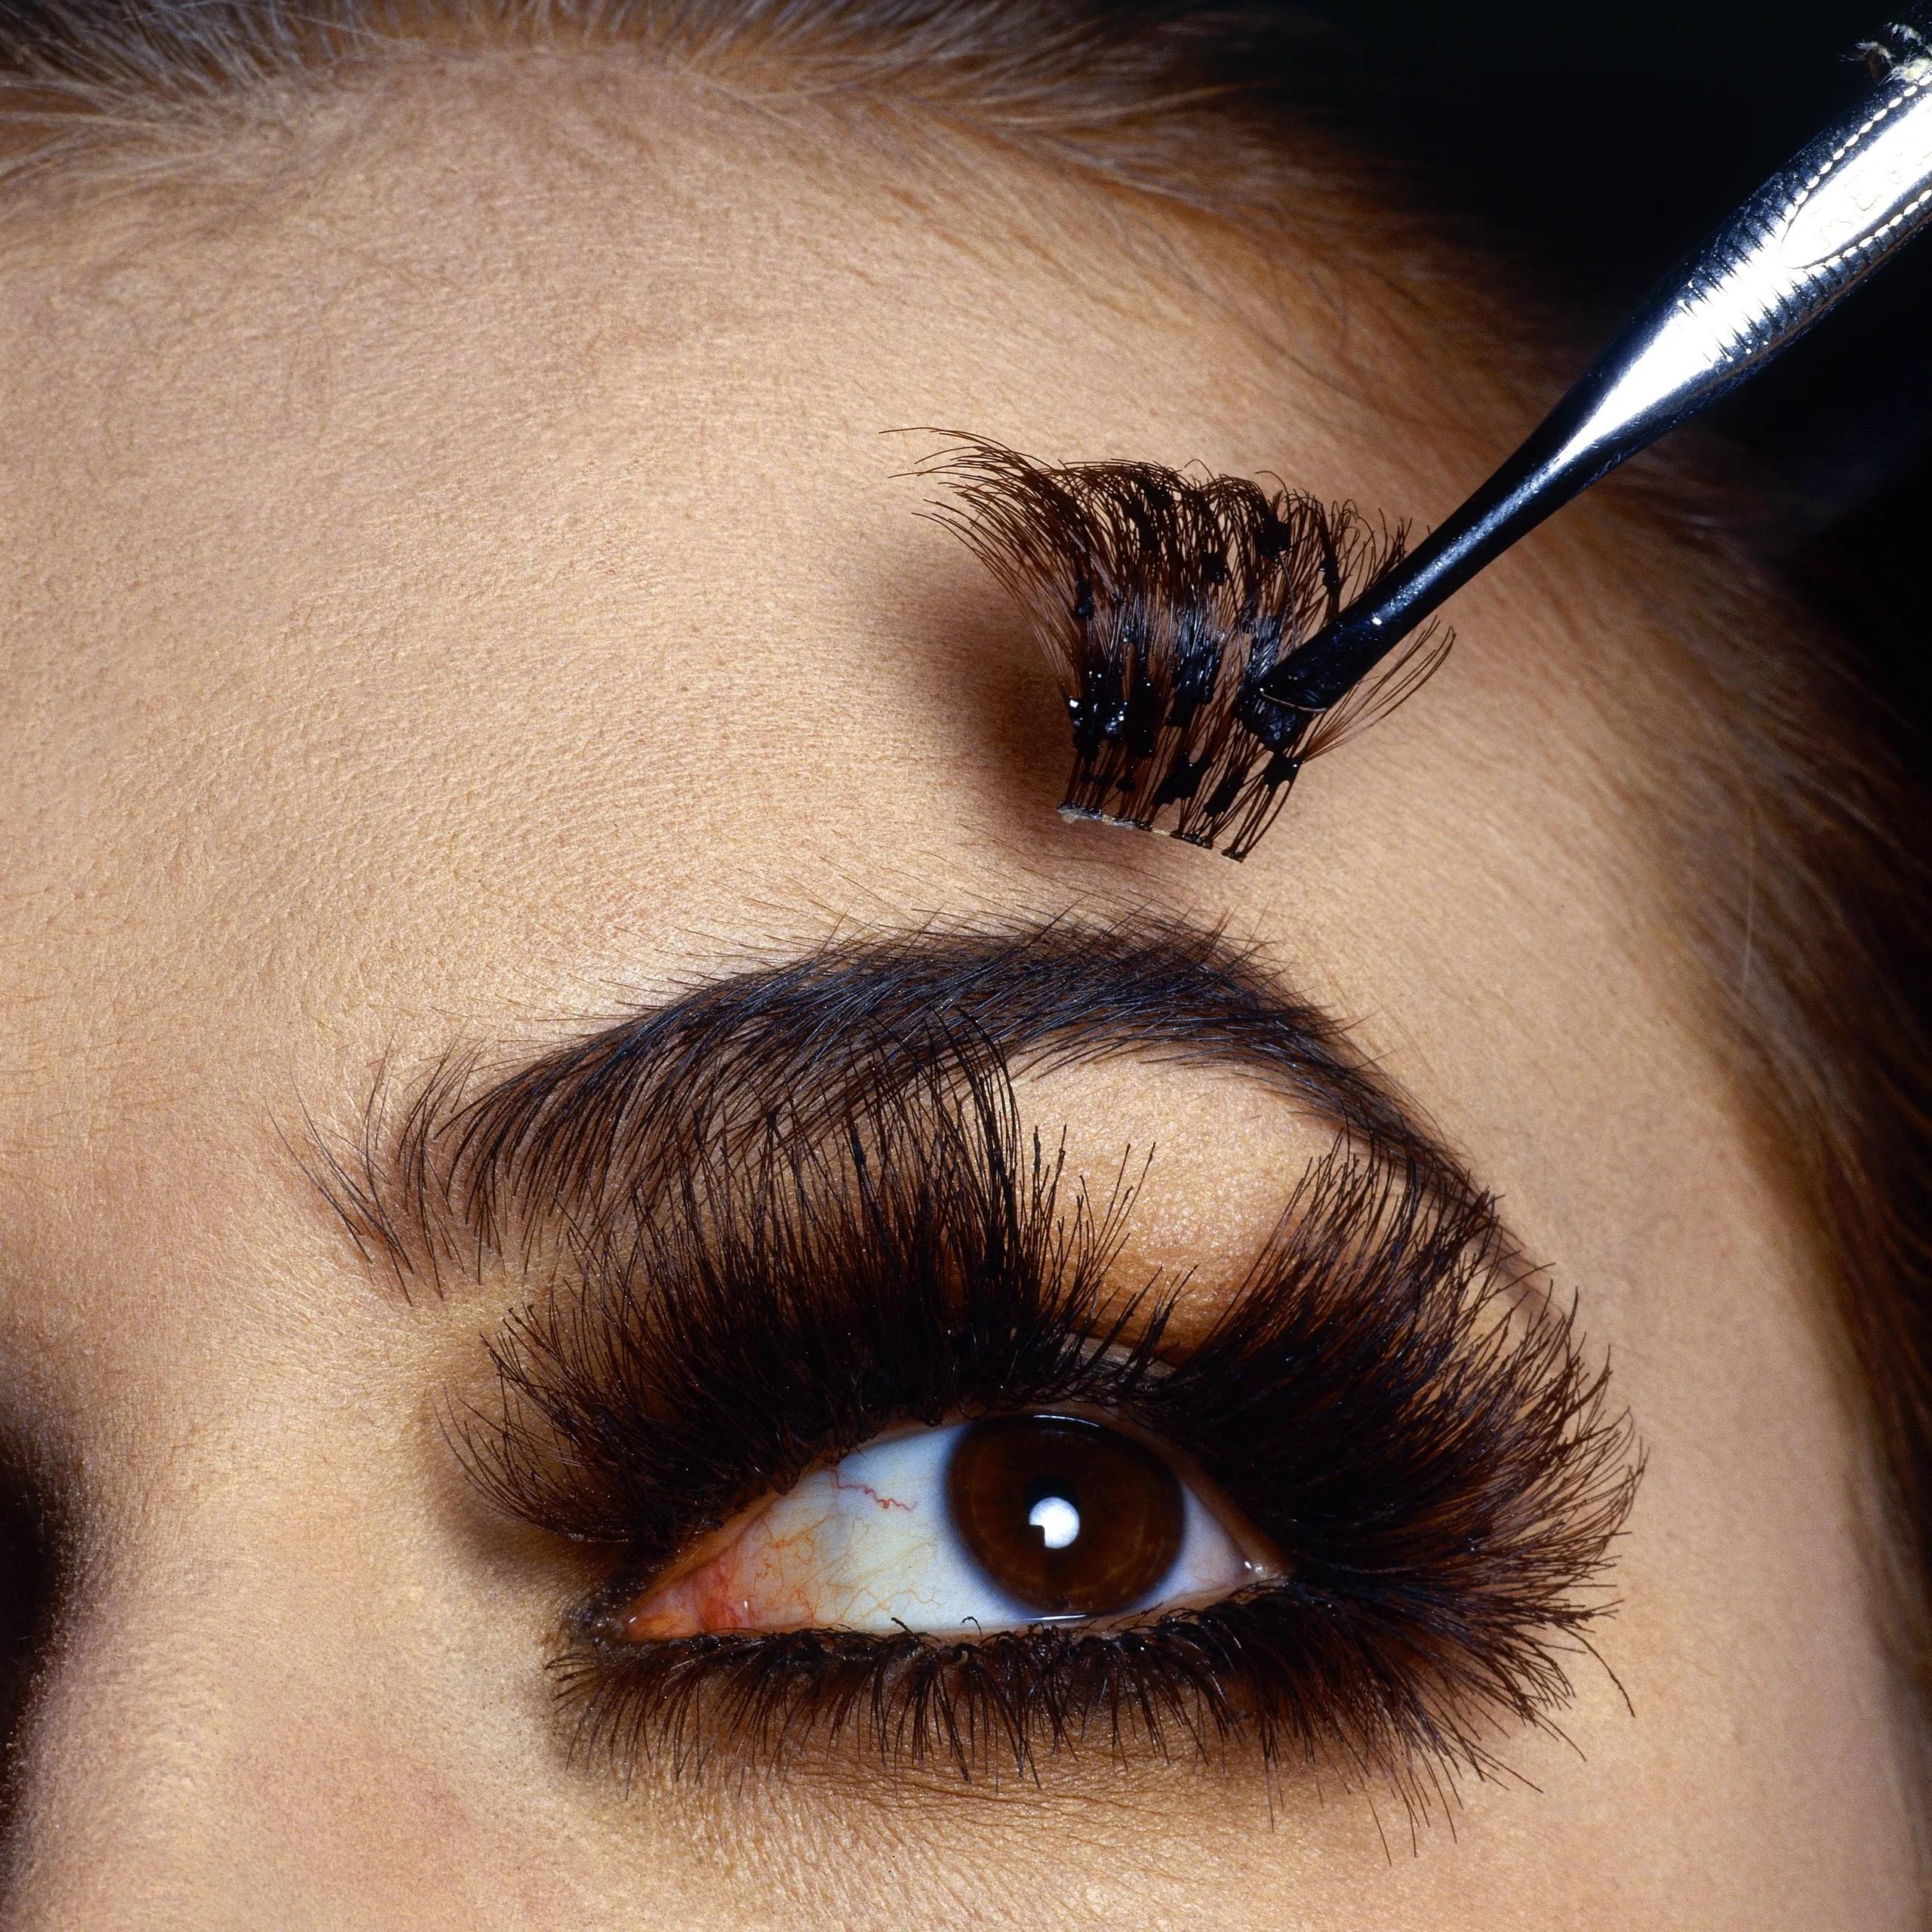 The Best False Eyelashes: Lashify Ardell and More   Vogue